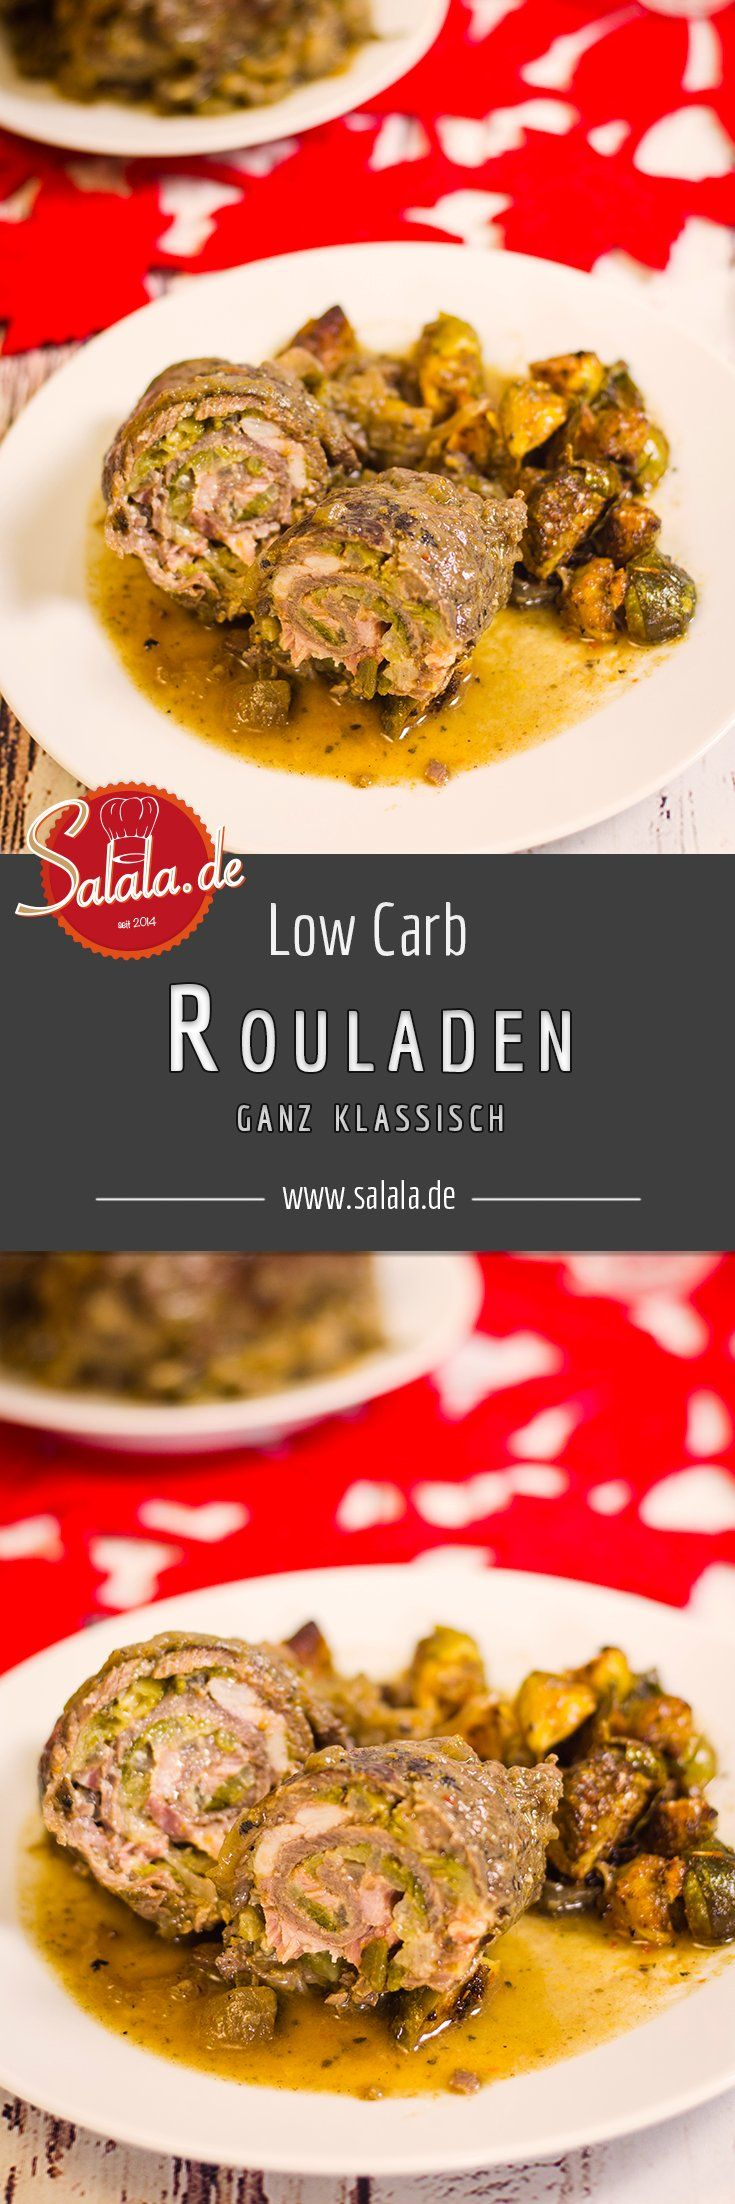 Rouladen Rinderrouladen klassisch - by salala.de - Low Carb Hauptgericht saftig lecker klassisch mehlfrei kohlenhydratarm